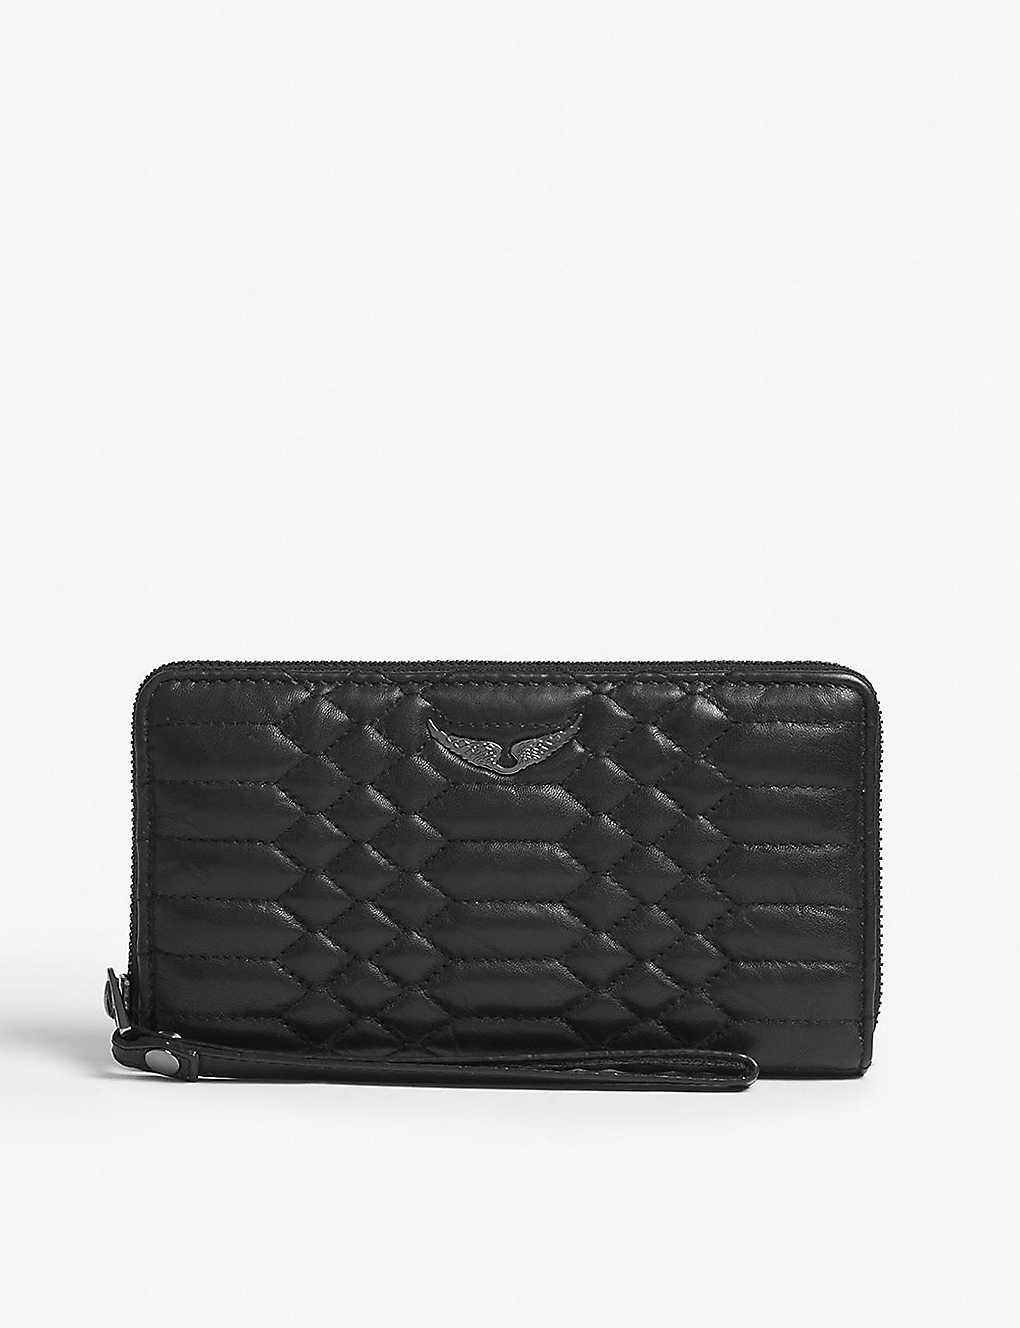 b25707040f48 KAREN MILLEN - Suede leather clutch bag | Selfridges.com